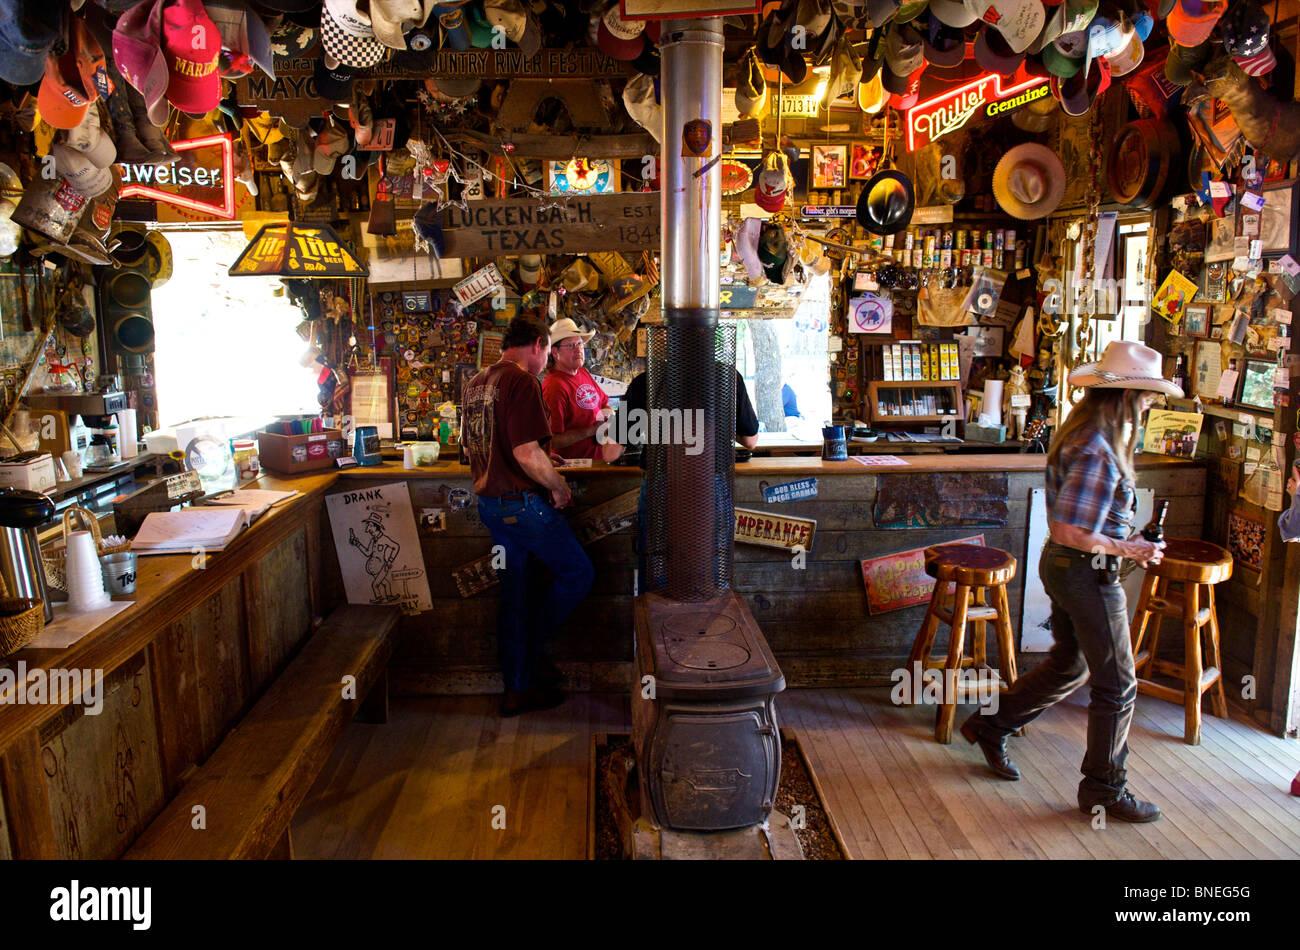 Los visitantes del bar Luckenbach, Texas Hill Country, América del Norte, EE.UU. Foto de stock